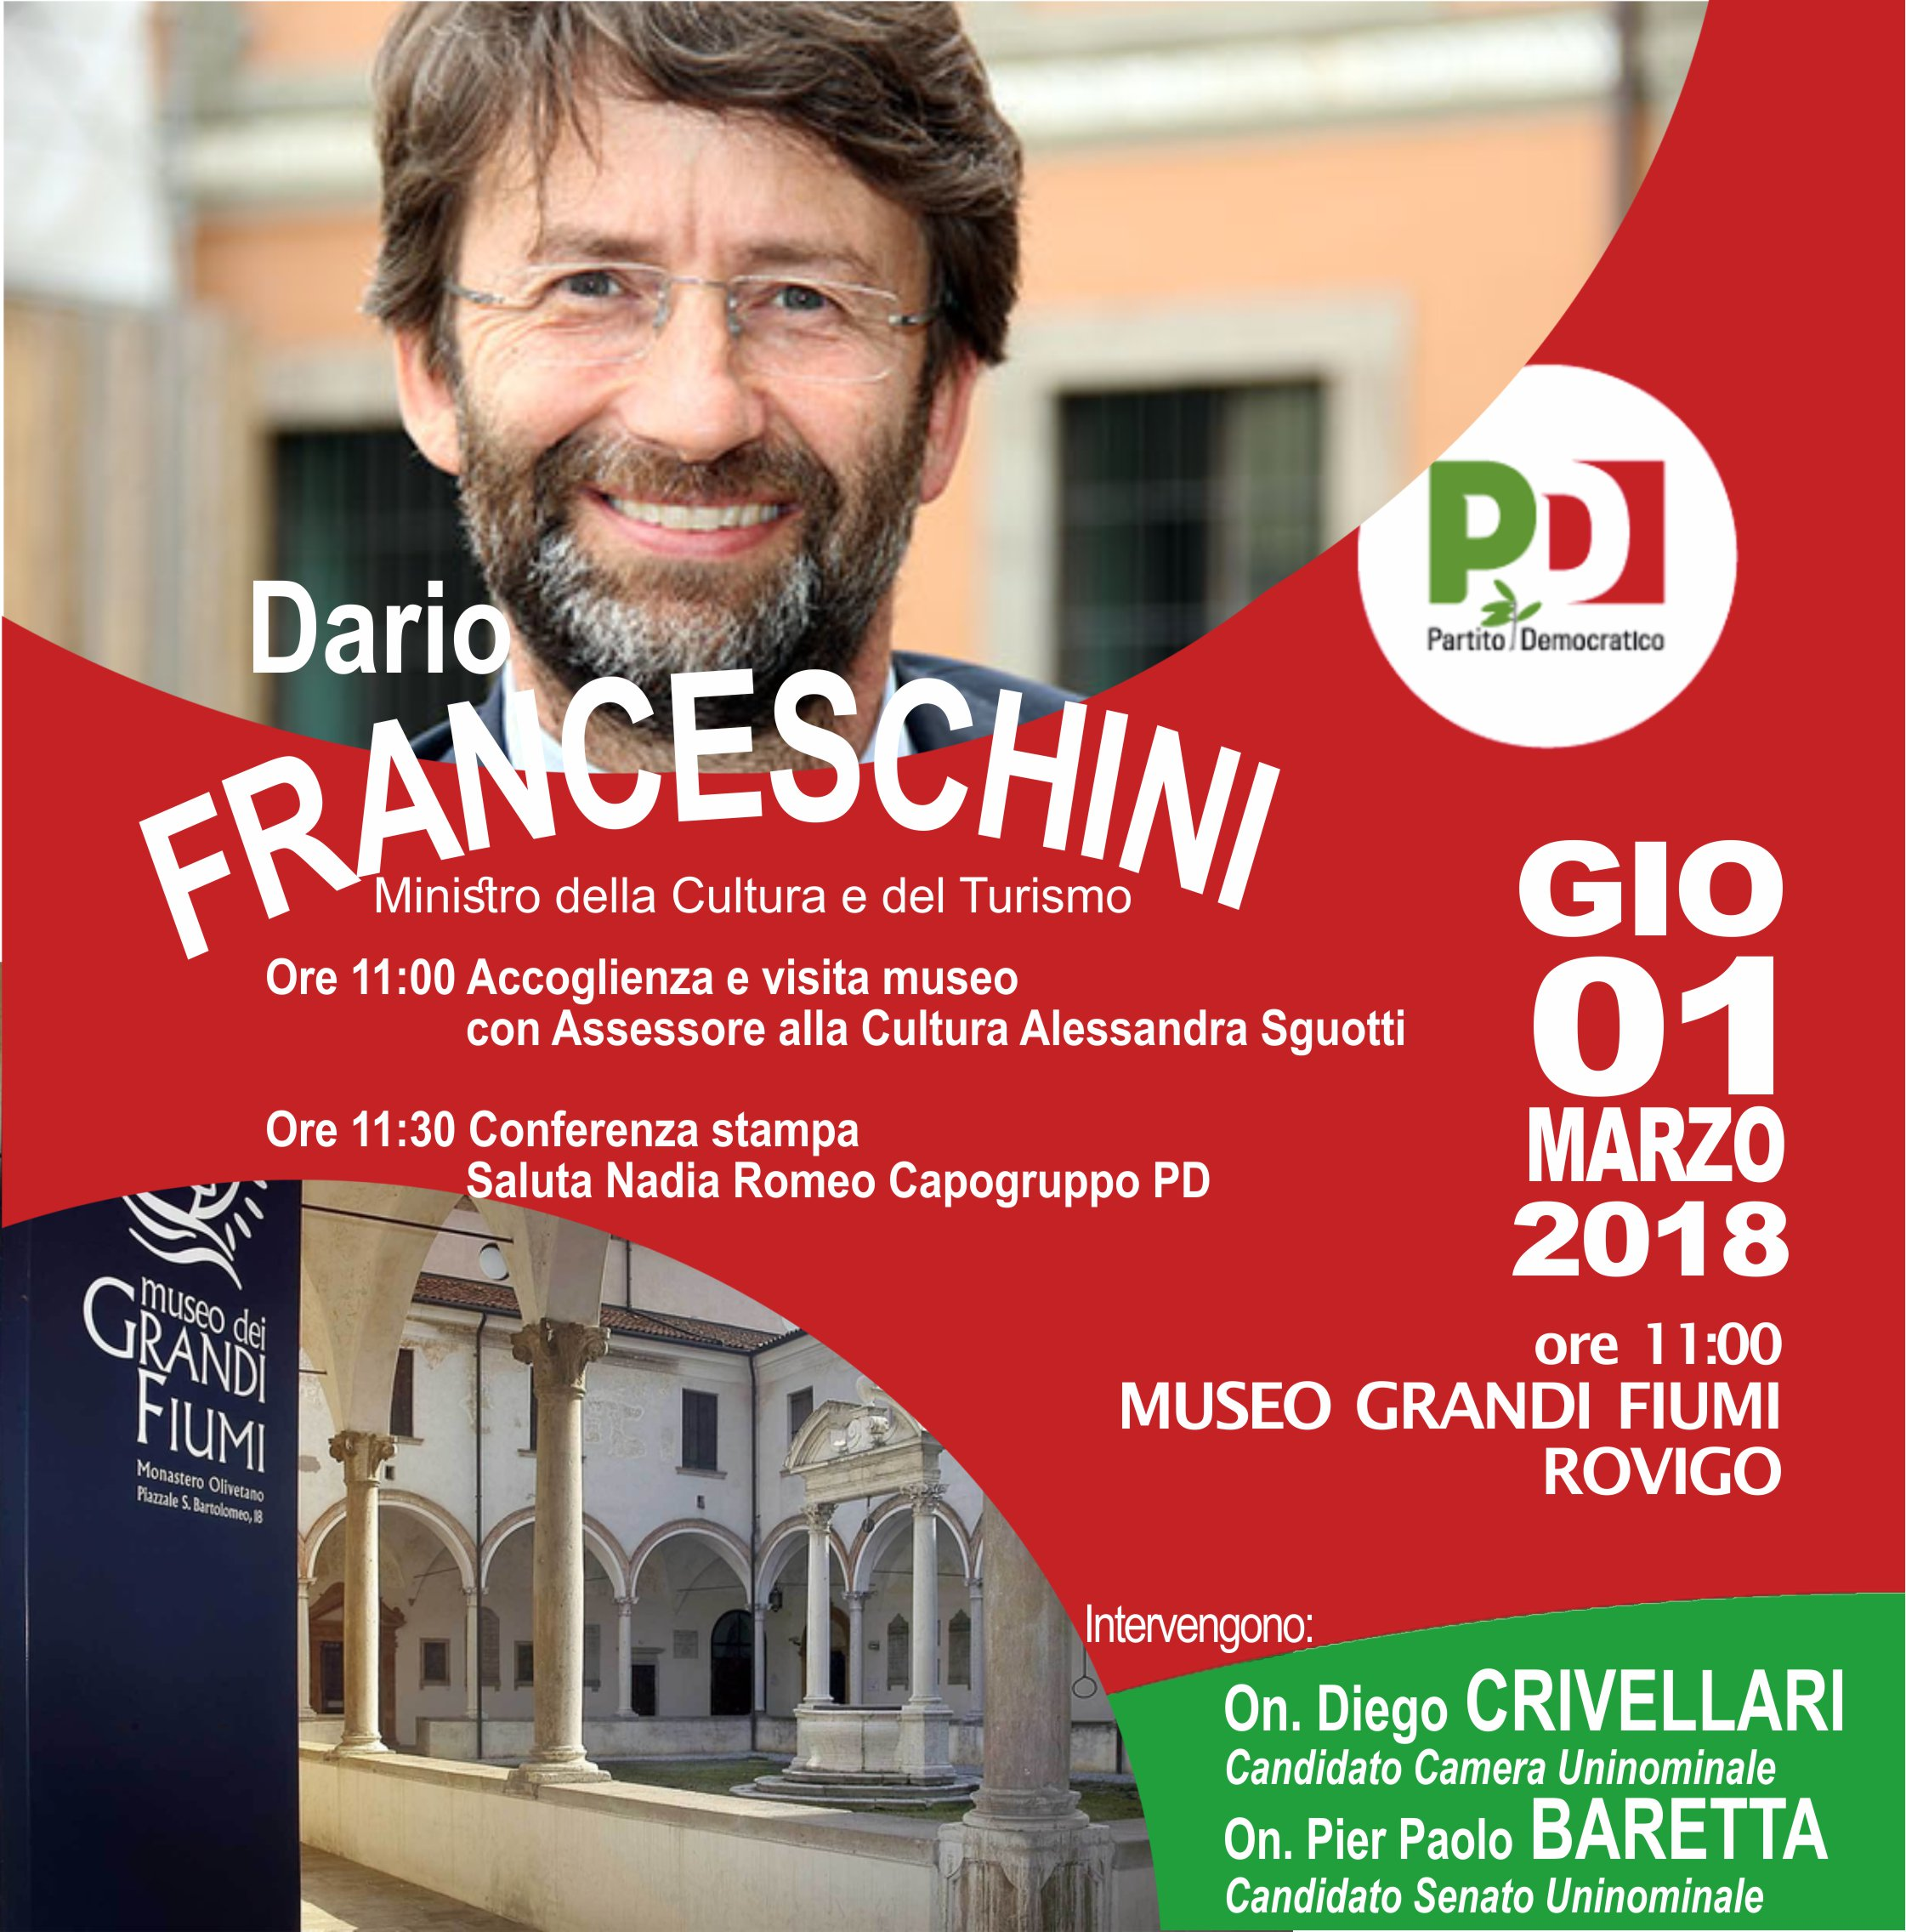 1 Marzo Dario Franceschini – in visita al museo dei Grandi Fiumi